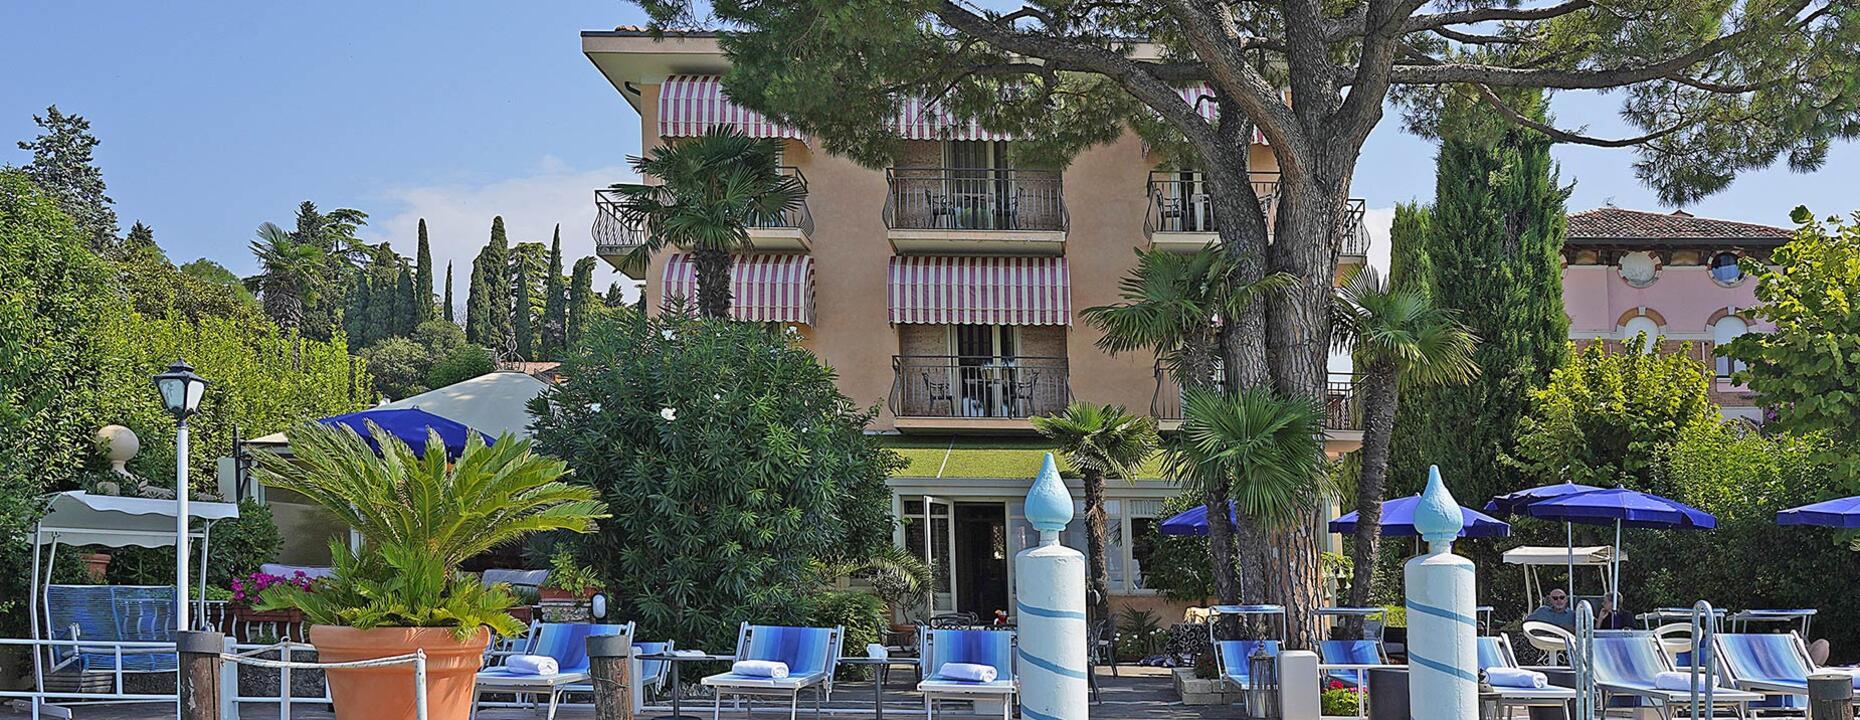 hotelmarconisirmione it hotel 004